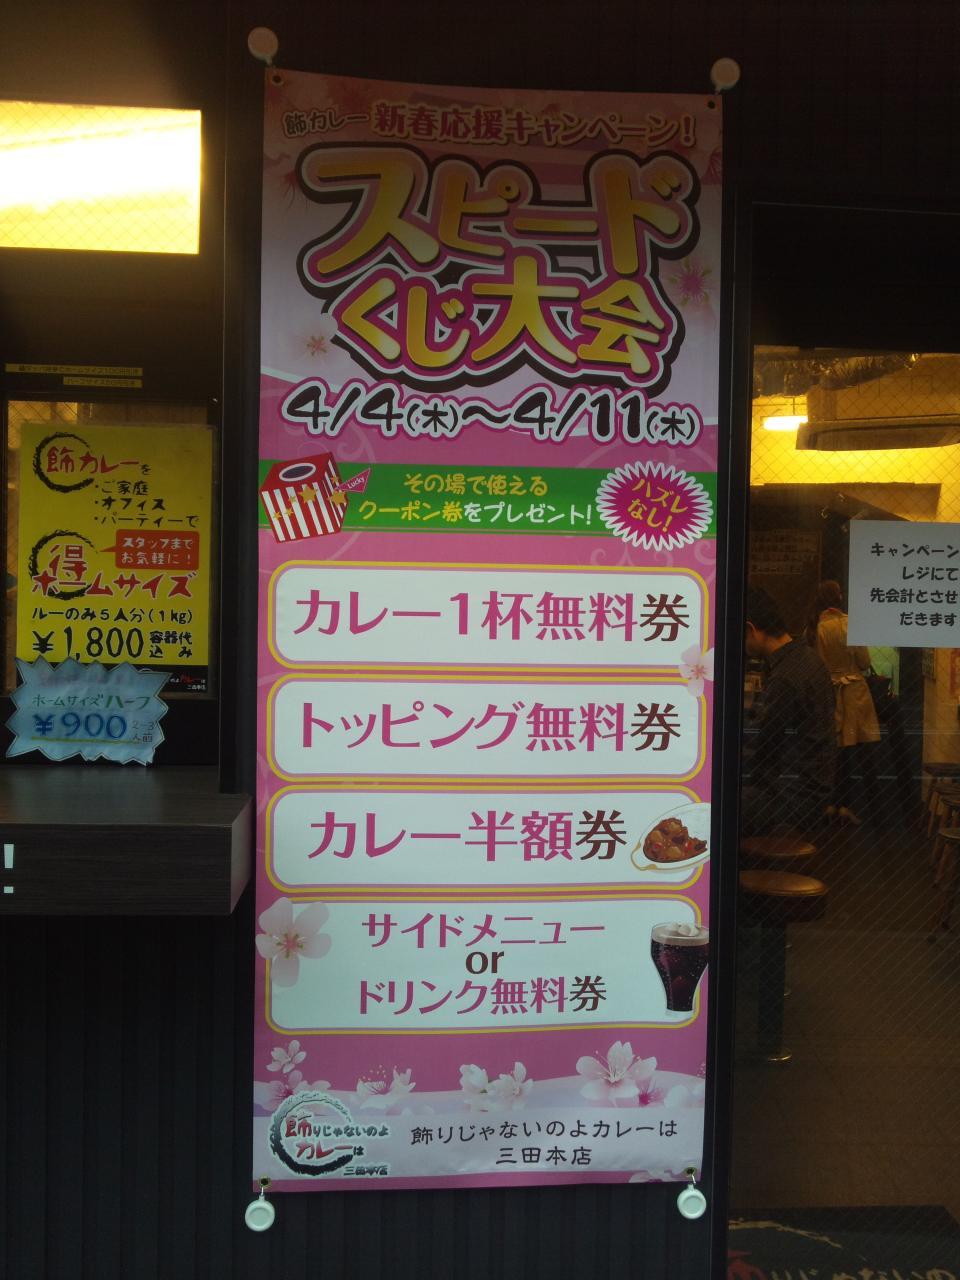 飾りじゃないのよカレーは三田本店(店舗外観)